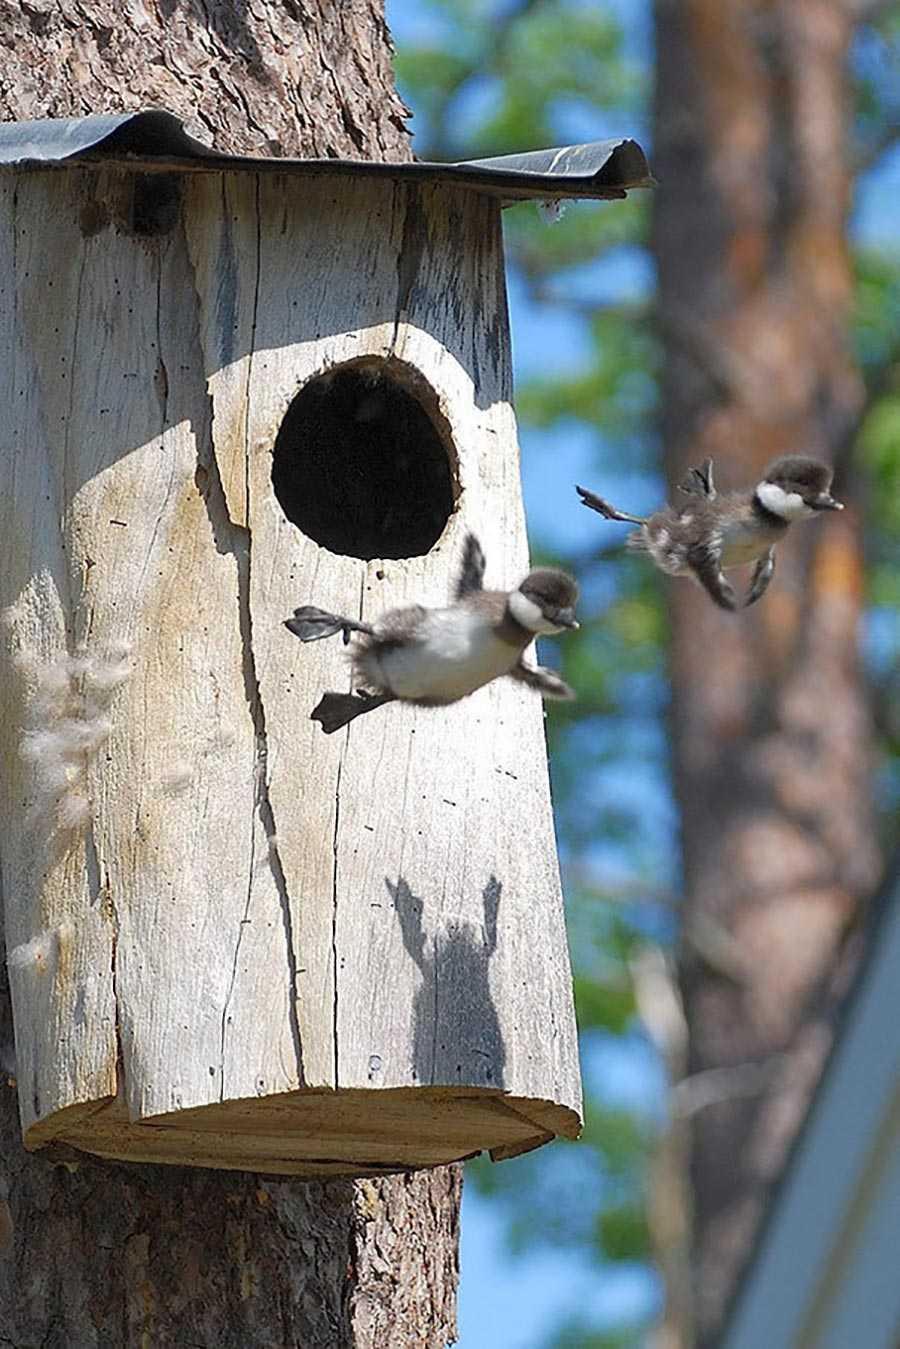 اولین باری که این دو بچه اردک از لانه خودشان بیرون پریدند